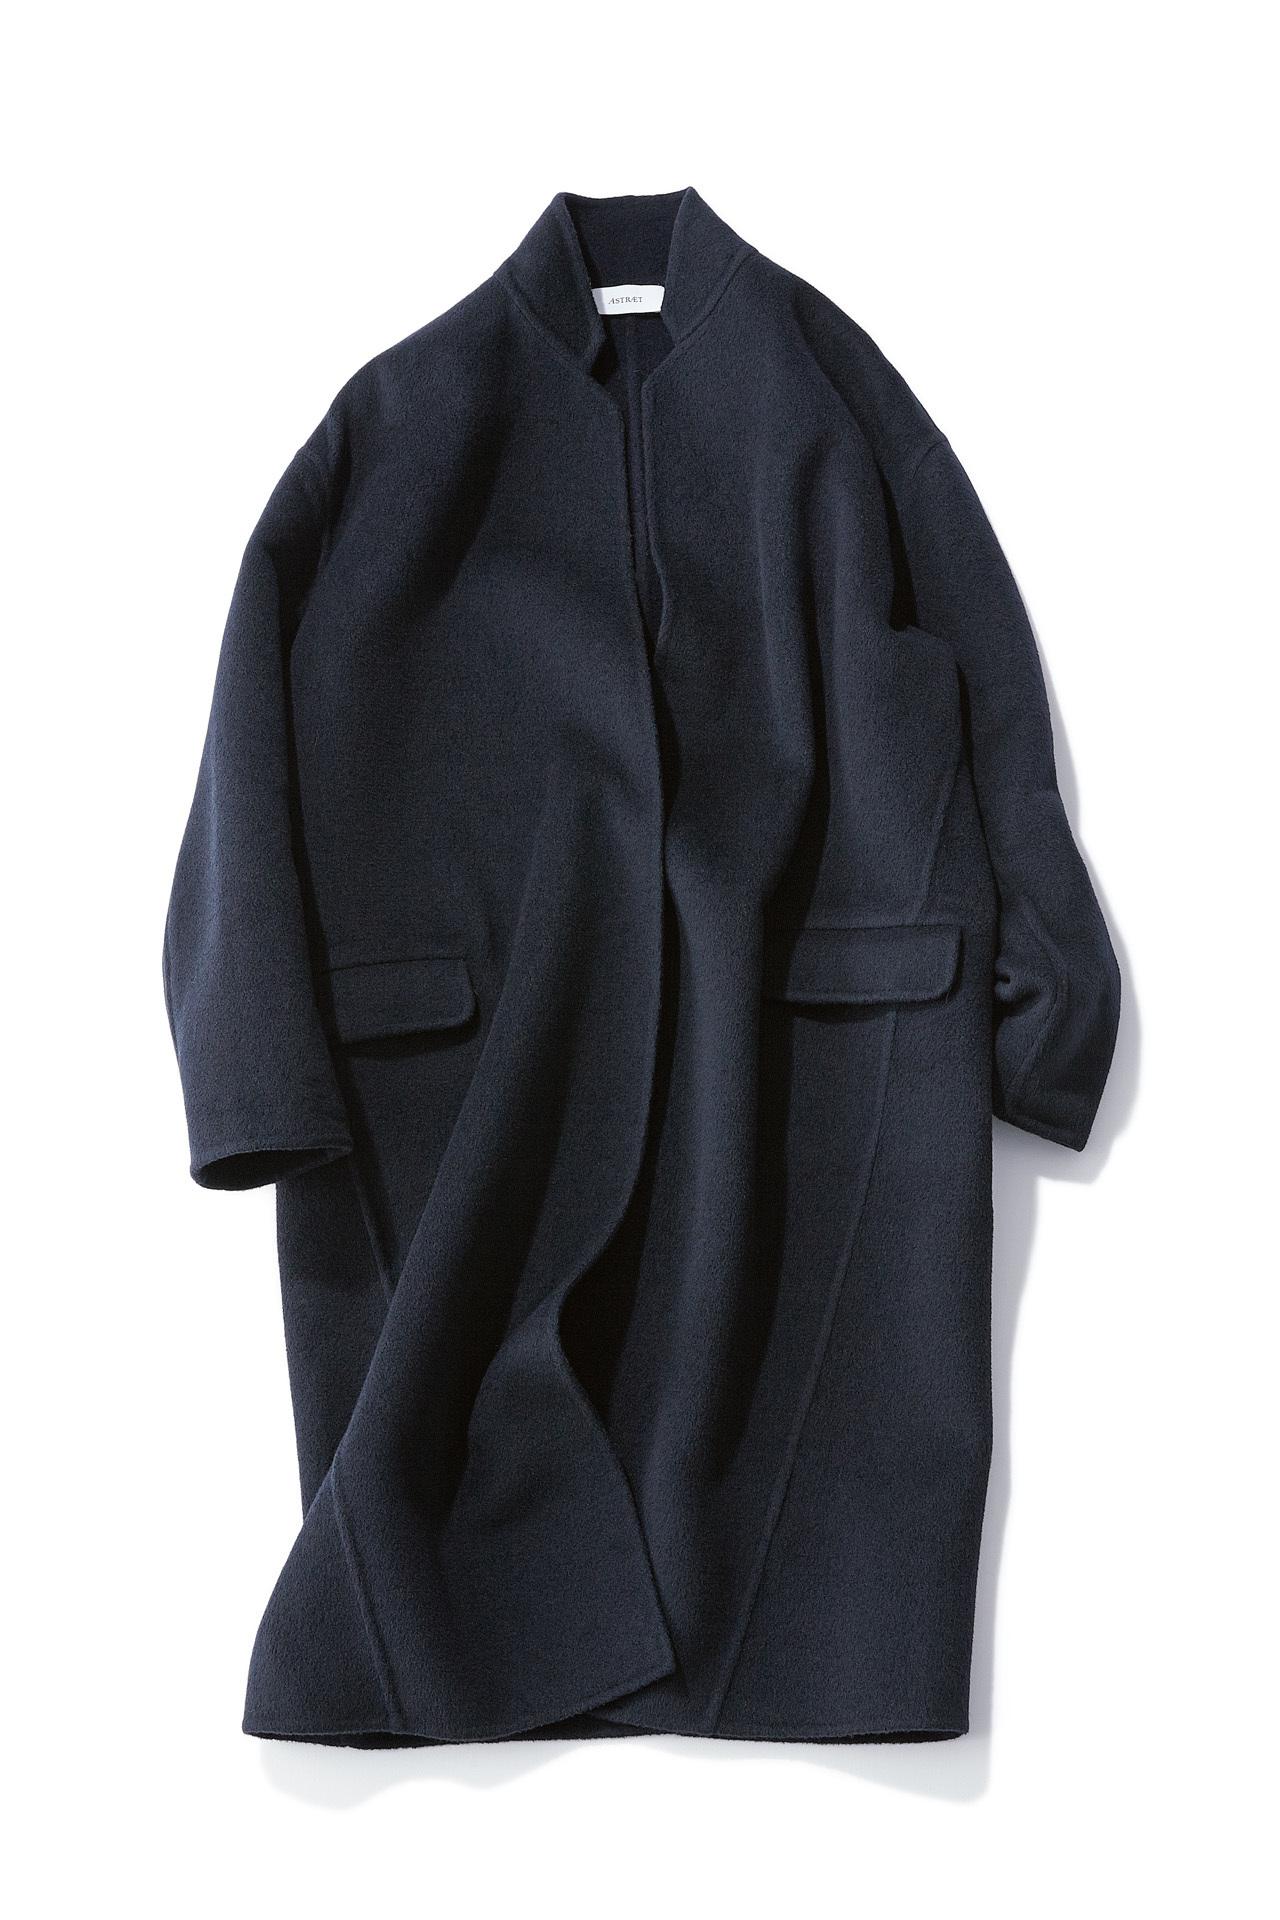 この秋、富岡佳子が買い足した私服とは? 五選_1_1